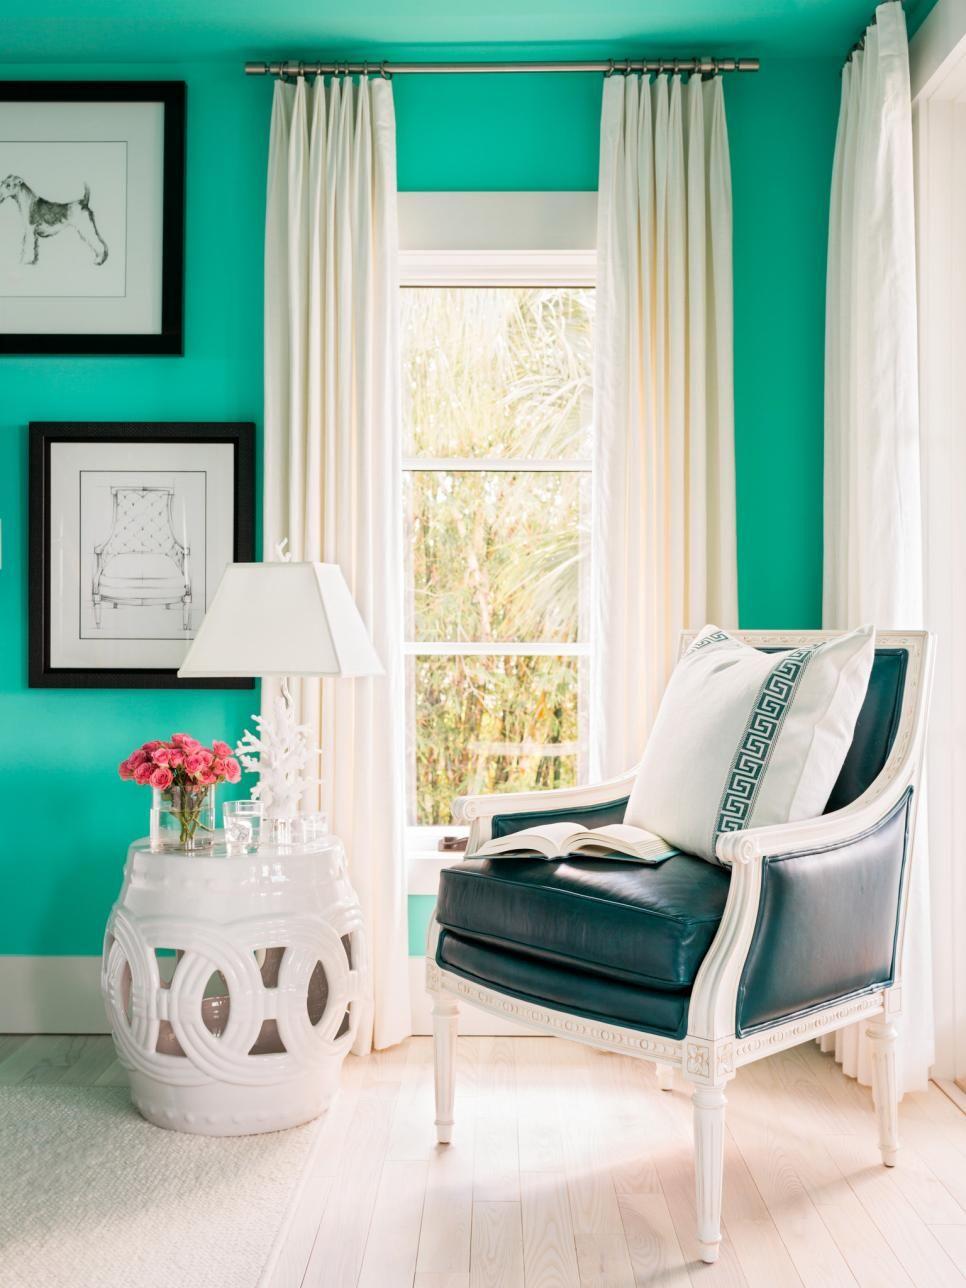 Teal Bedroom Furniture Dream Home 2016 Master Bedroom Furniture Hgtv Dream Home 2016